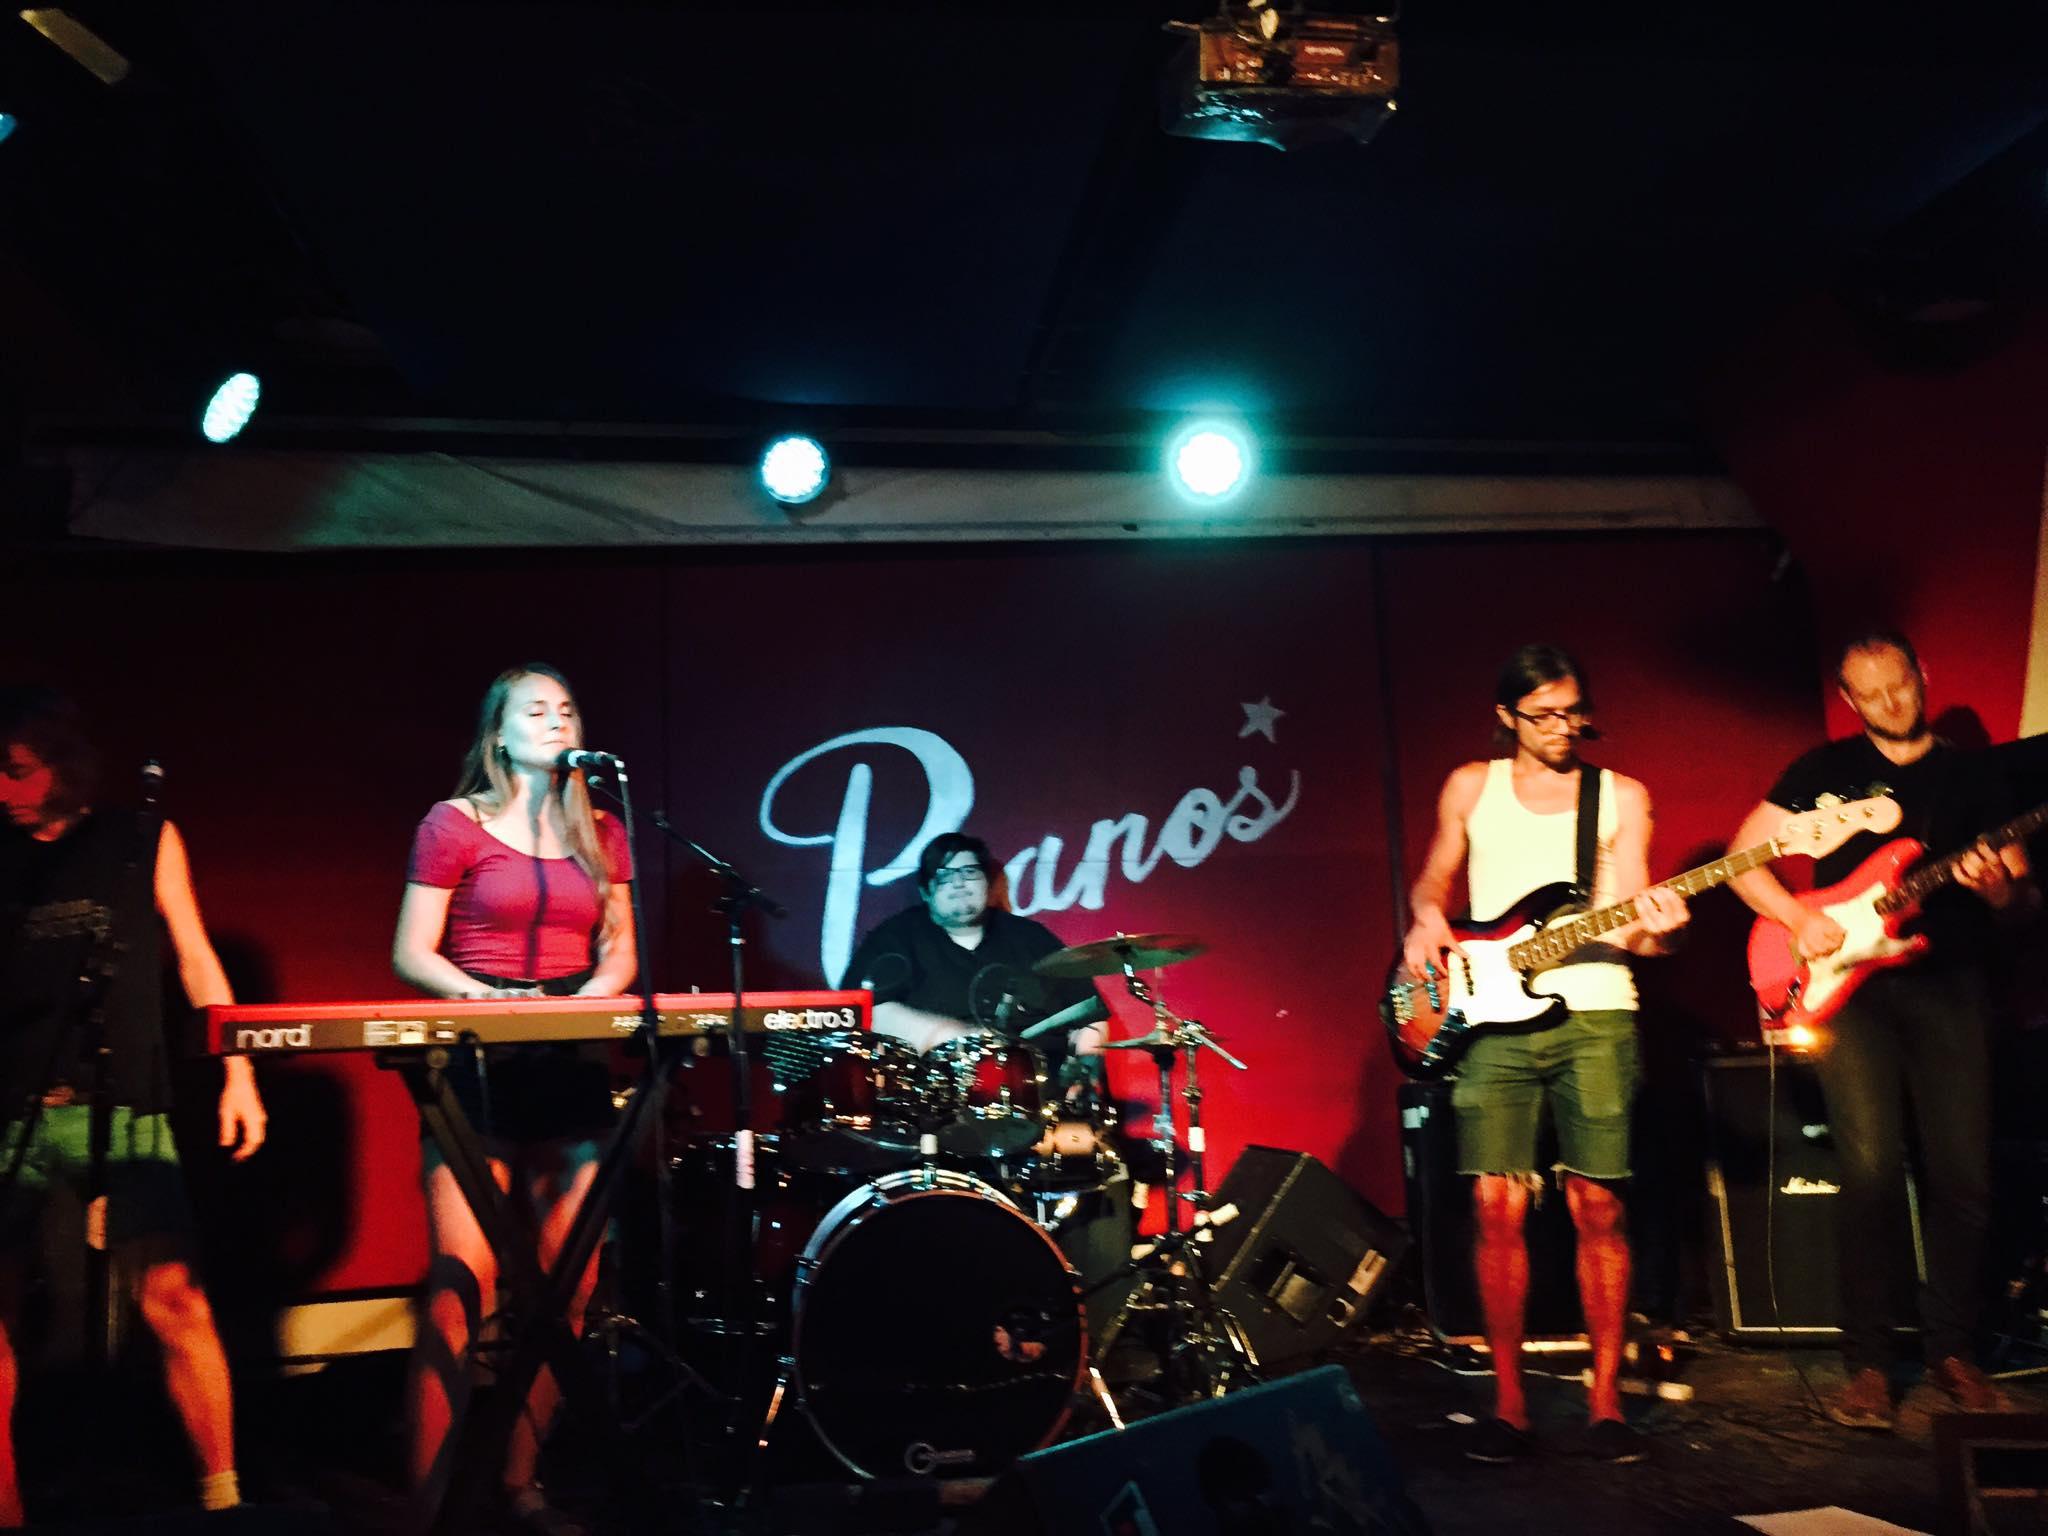 Live Pianos.jpg